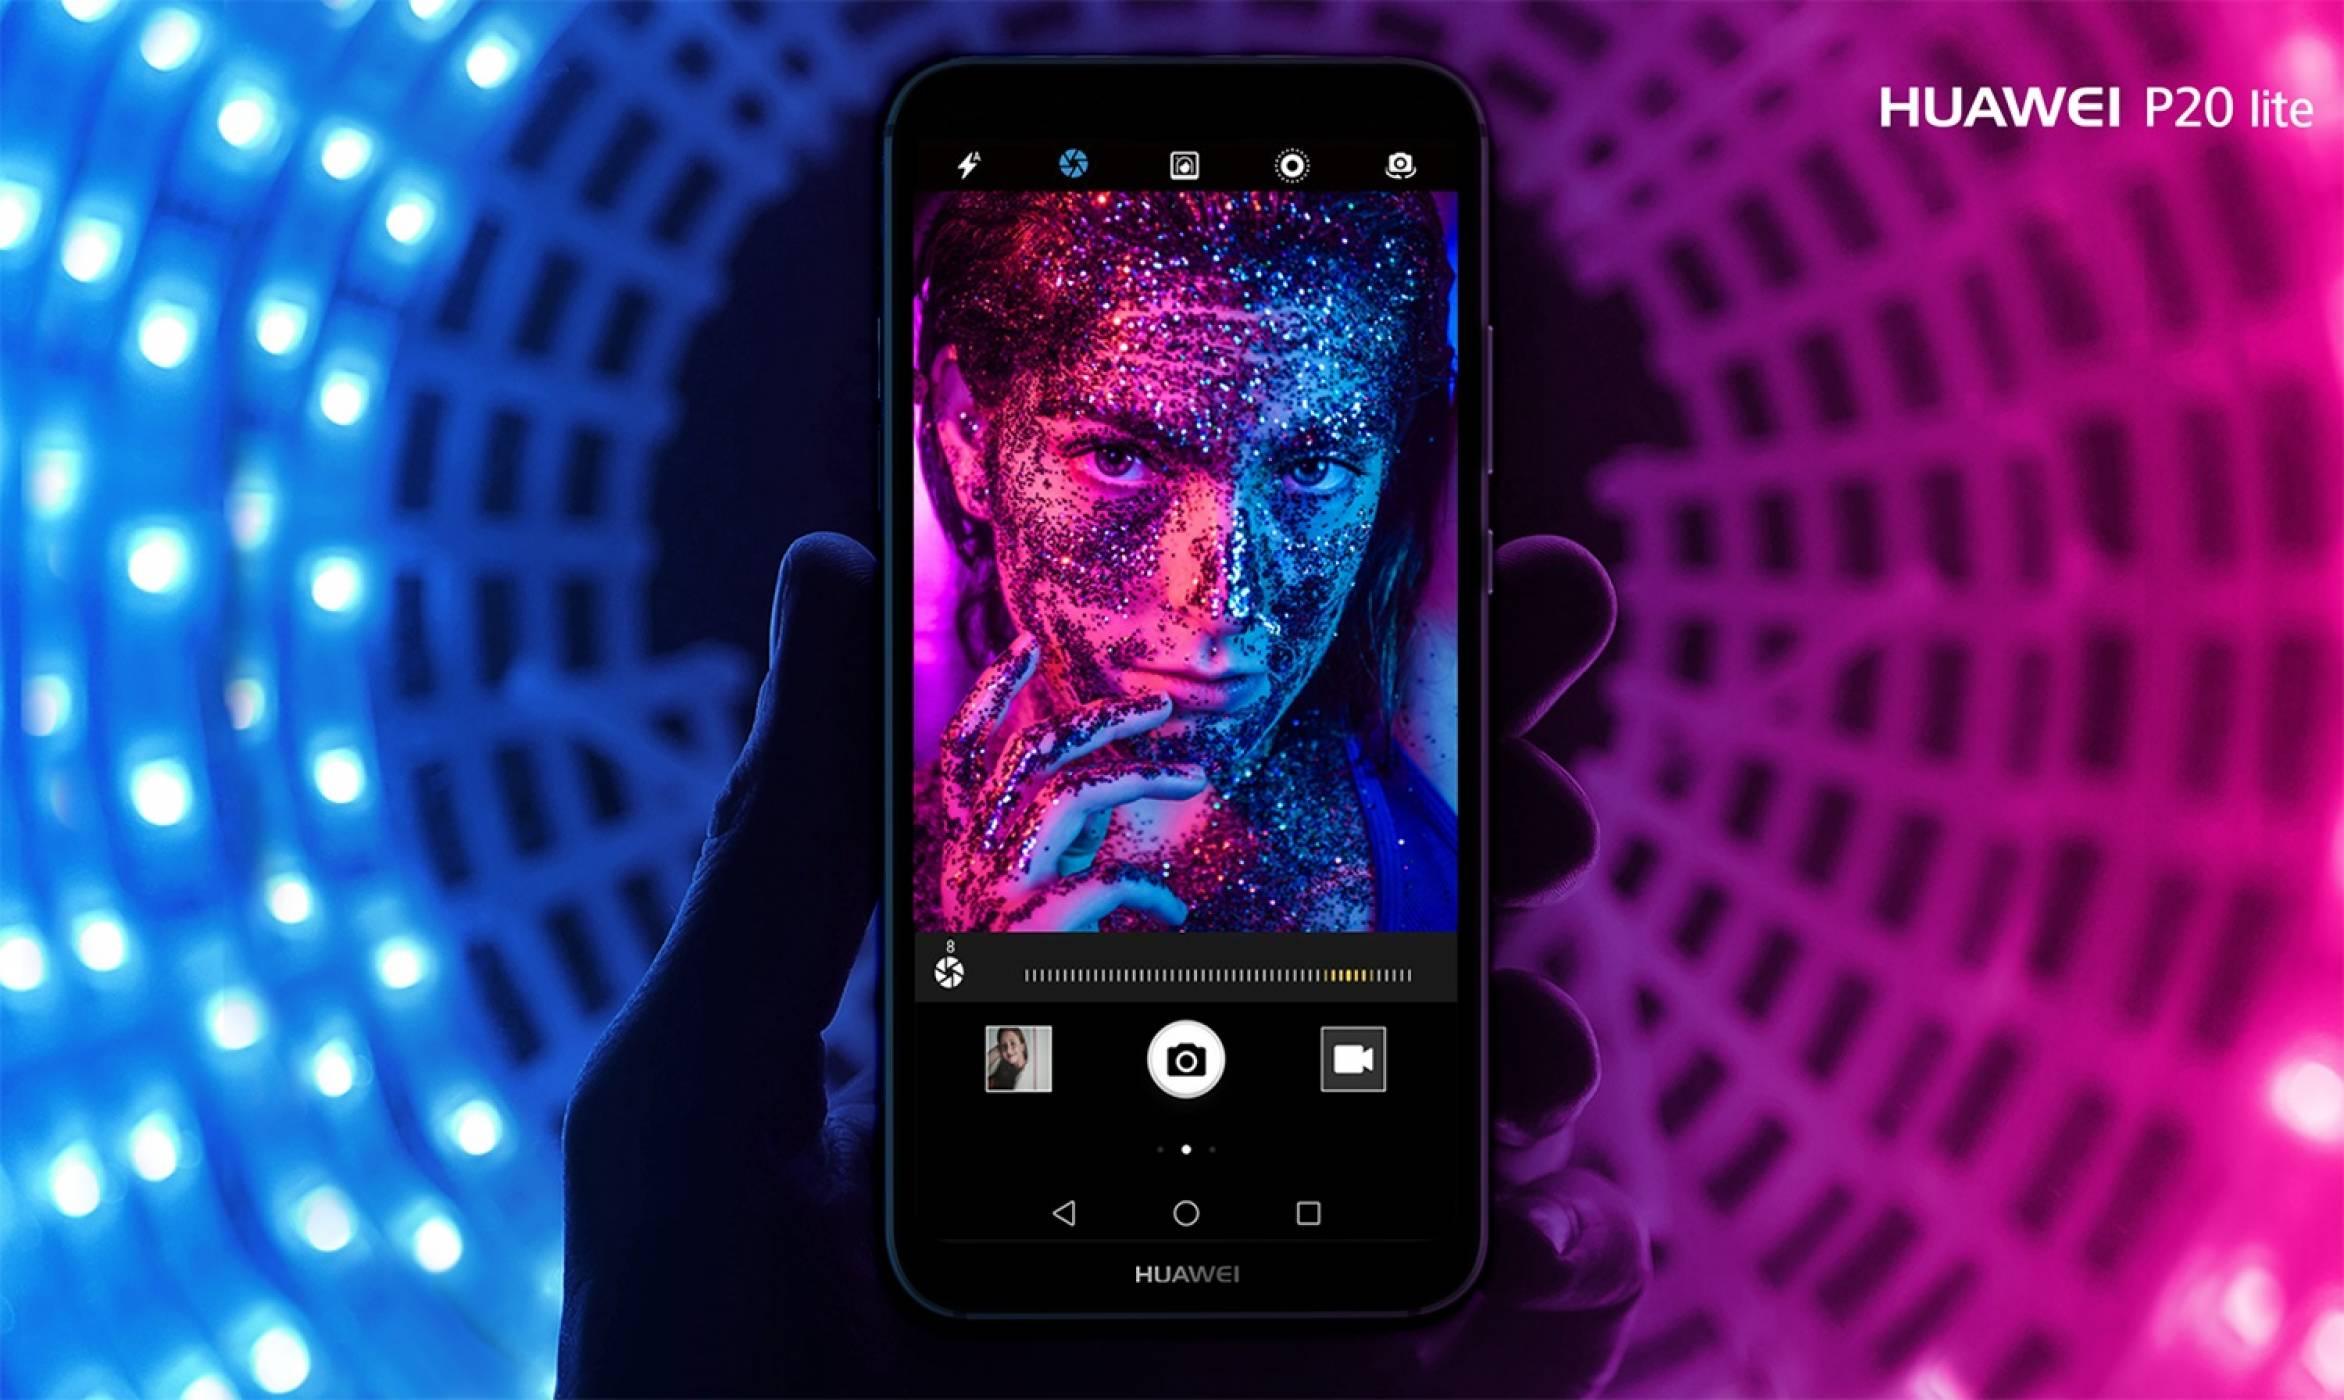 Всичко за селфи снимките на P20 lite в няколко важни съвета от Huawei